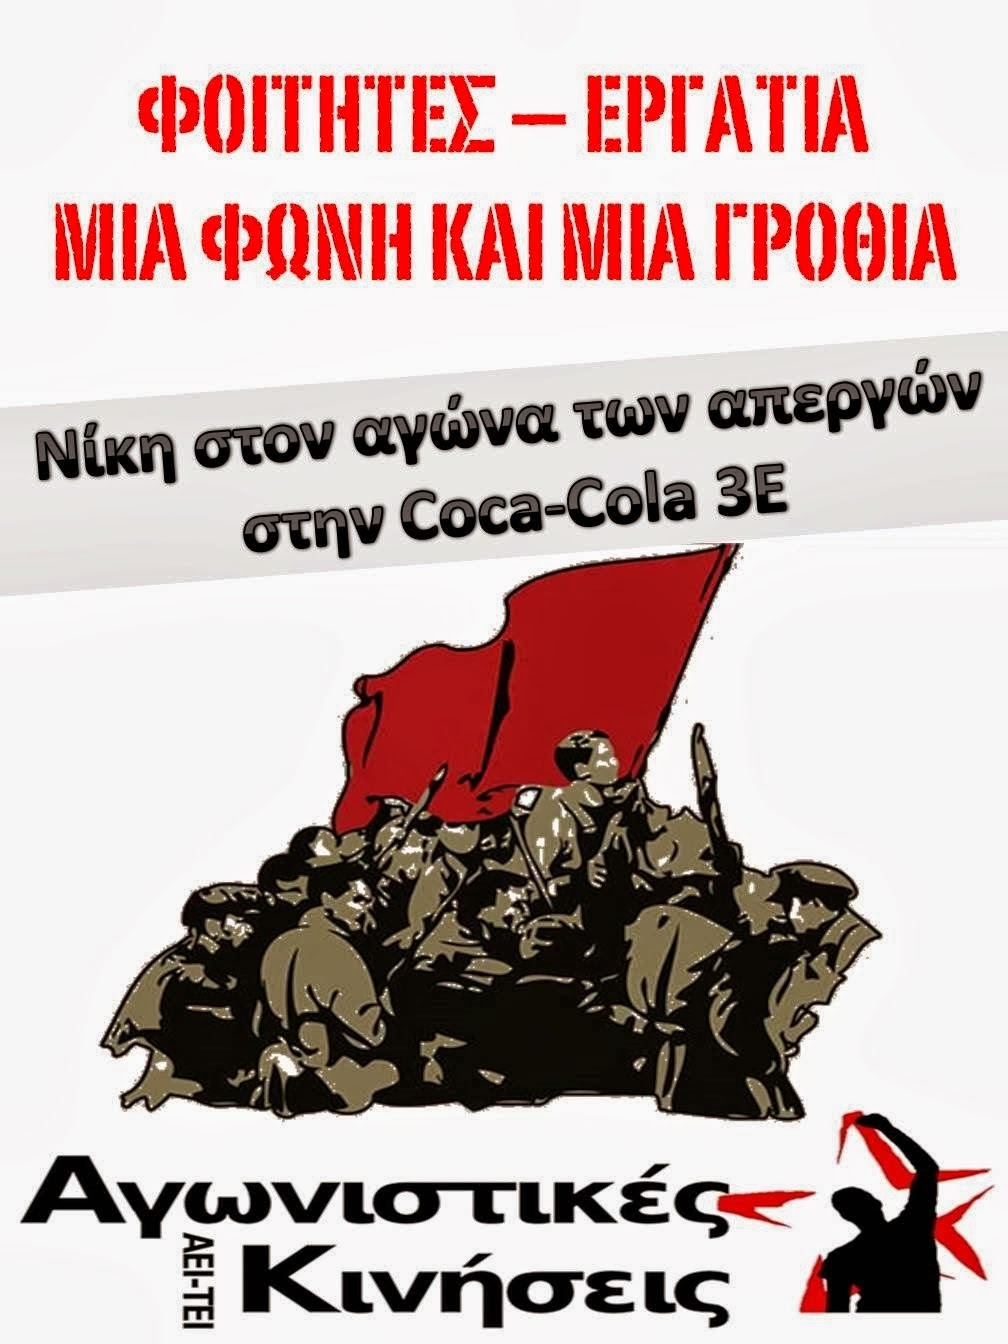 ΝΙΚΗ ΣΤΟΝ ΑΓΩΝΑ ΤΩΝ ΑΠΕΡΓΩΝ ΣΤΗΝ COCA-COLA 3Ε!